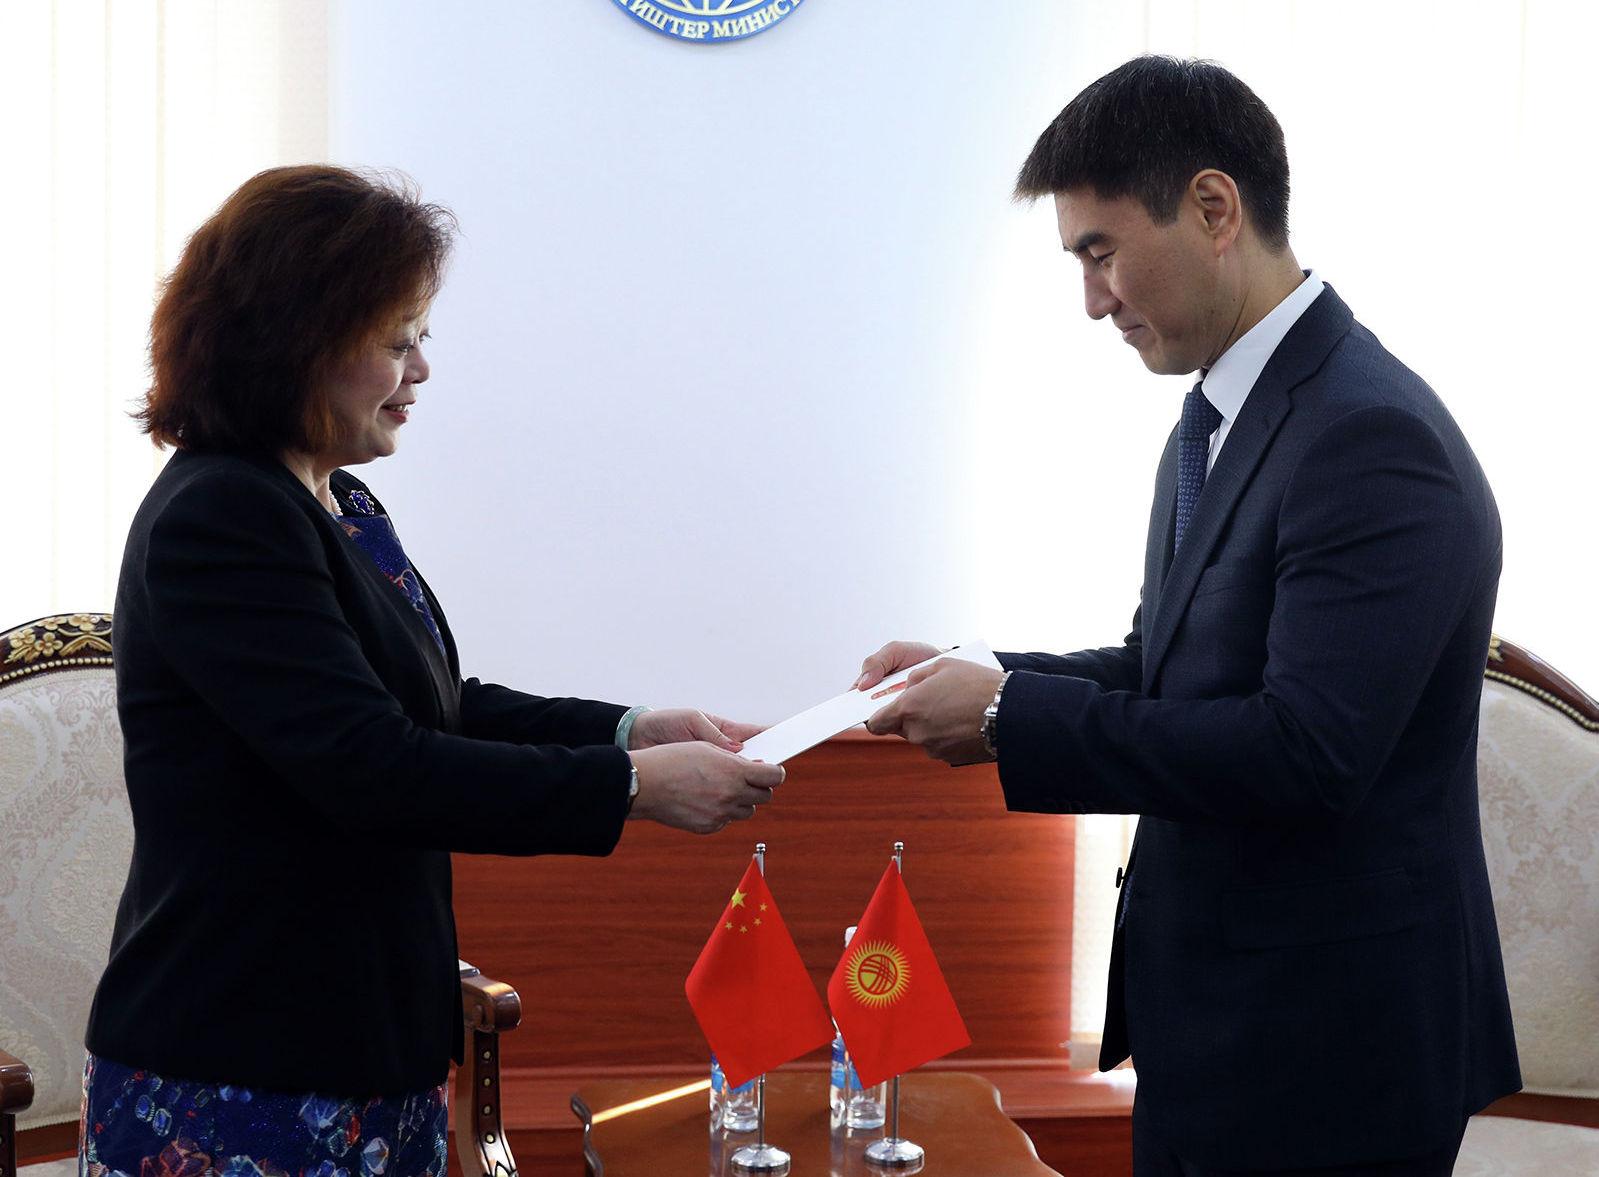 Новый посол Китая в Кыргызстане Ду Дэвэнь вручила копии верительных грамот министру иностранных дел Чингизу Айдарбекову